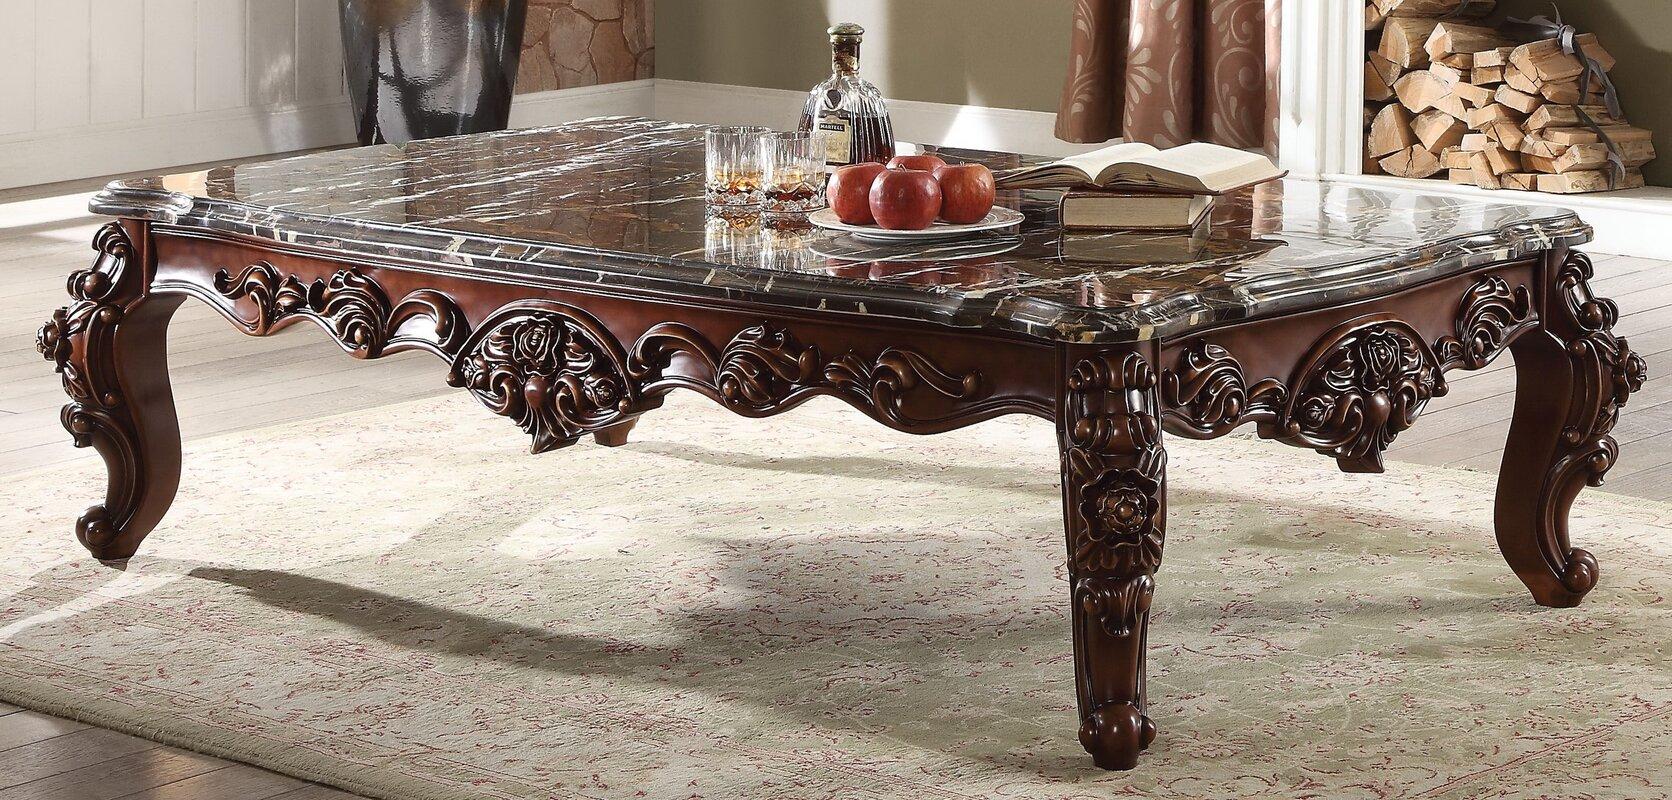 Carina Coffee Table